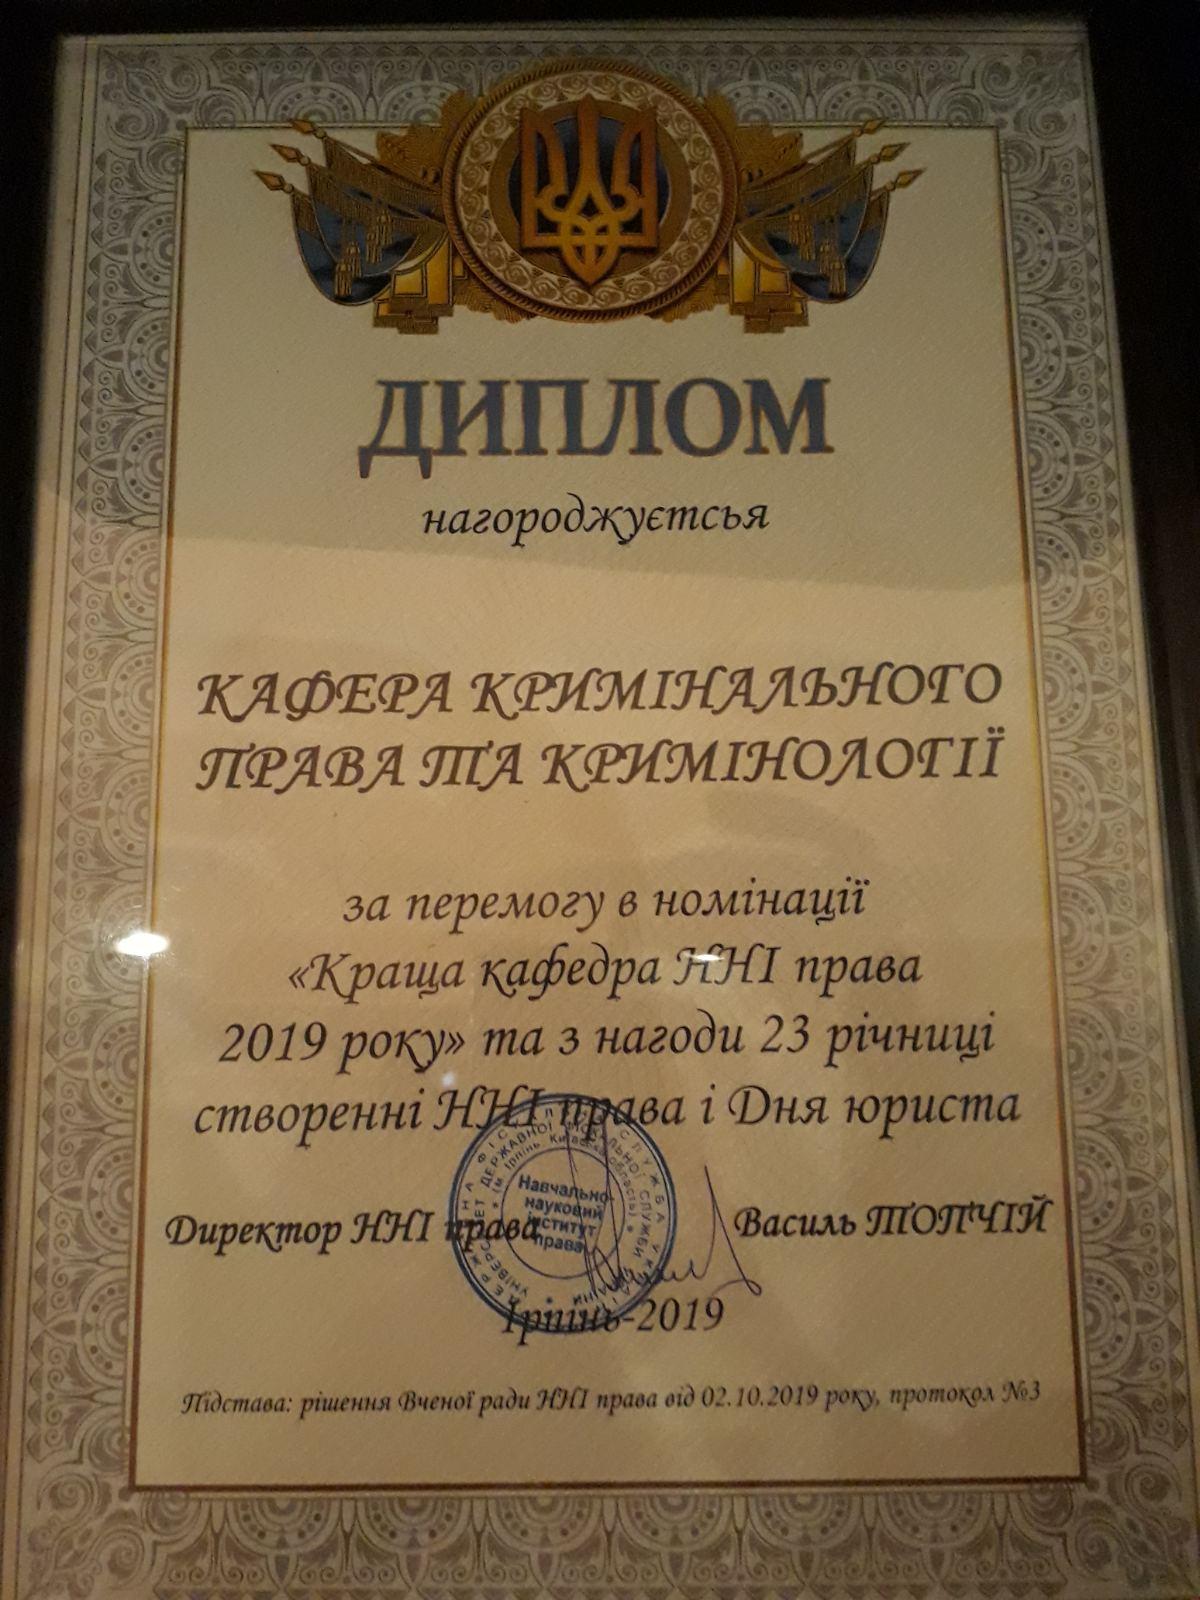 Відбулися урочистості, з нагоди Дня юриста та 24 річниці створення ННІ права